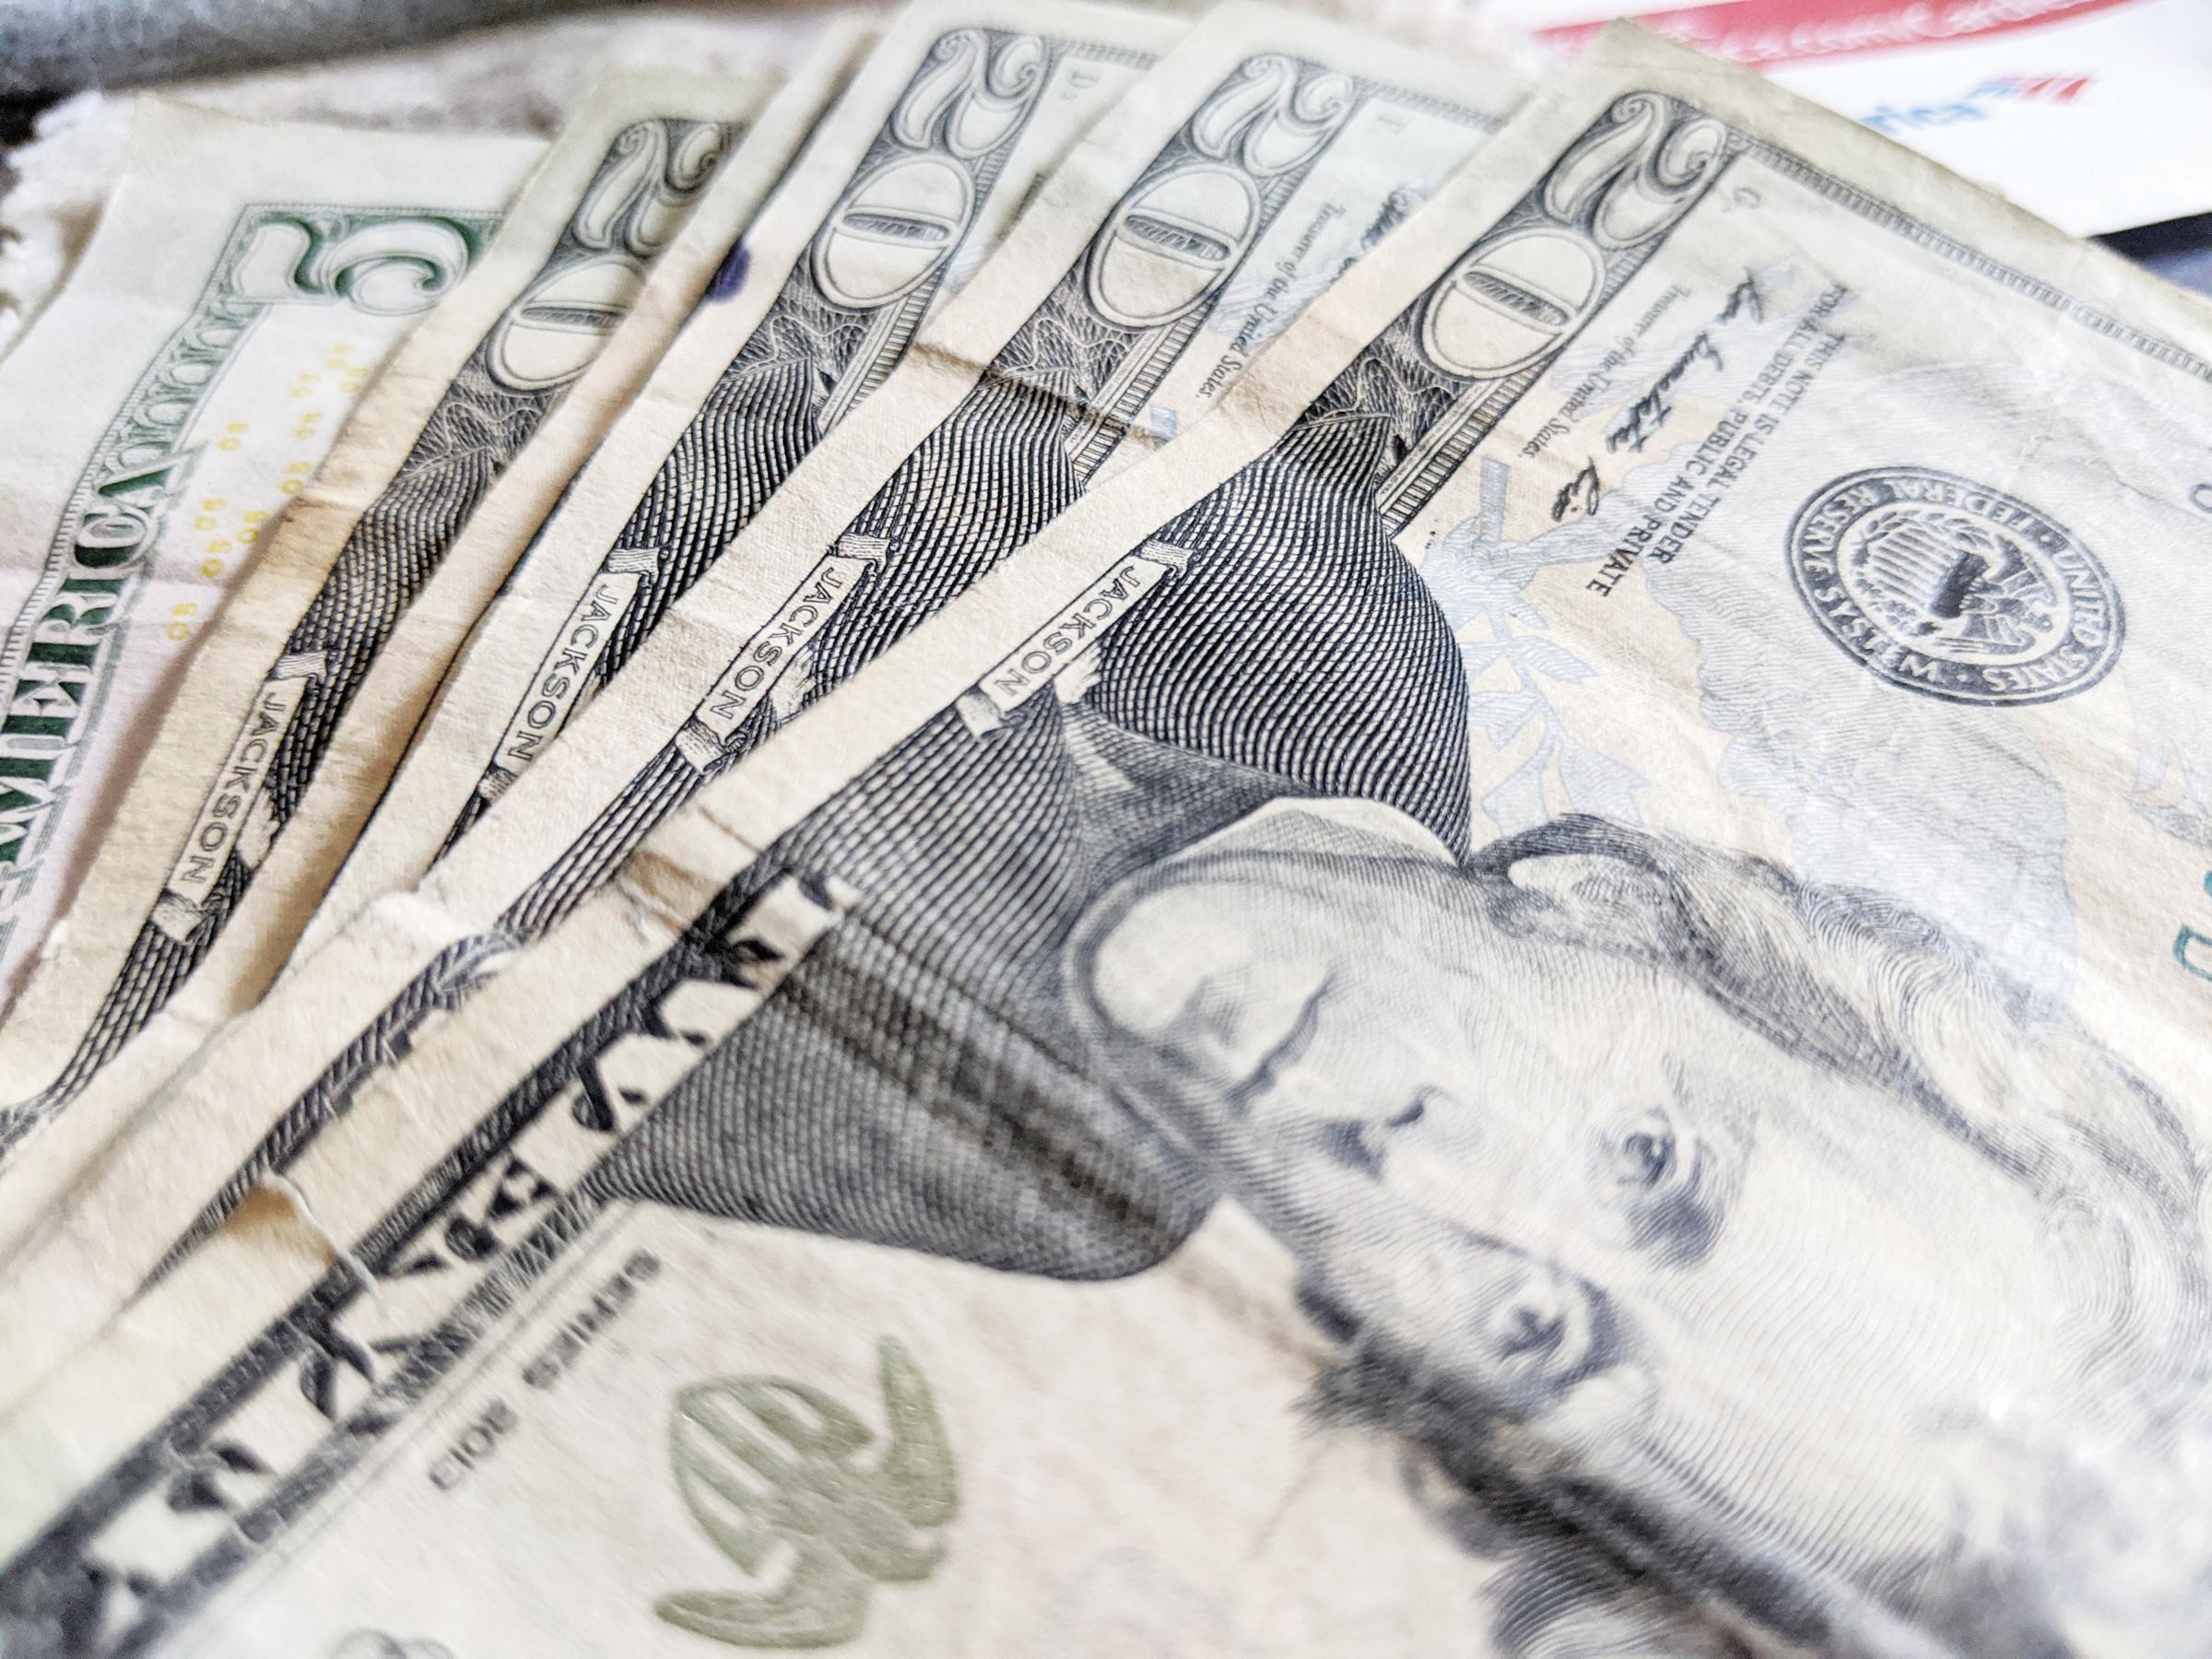 Pareja defrauda al gobierno por millones de dólares